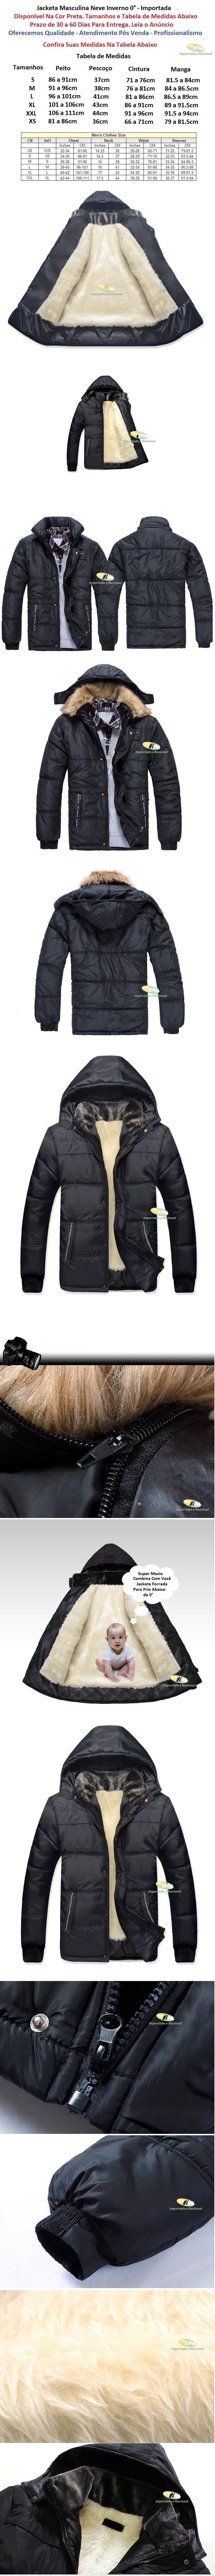 jacketa-0-grau.jpg